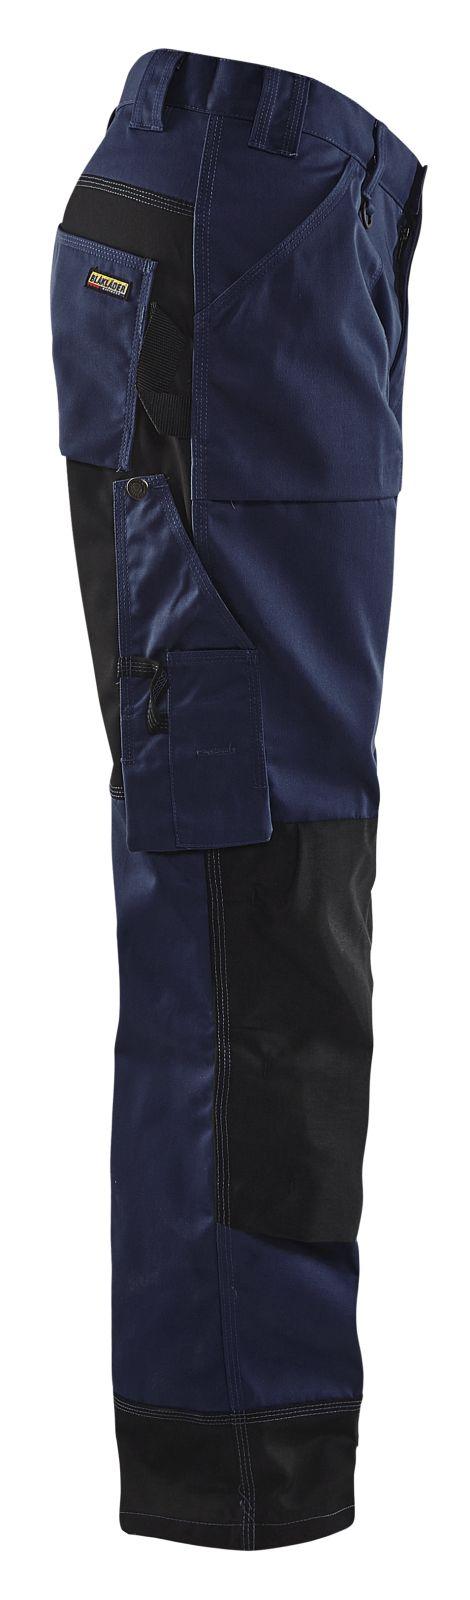 Blaklader Werkbroeken 15231860 marineblauw-zwart(8999)